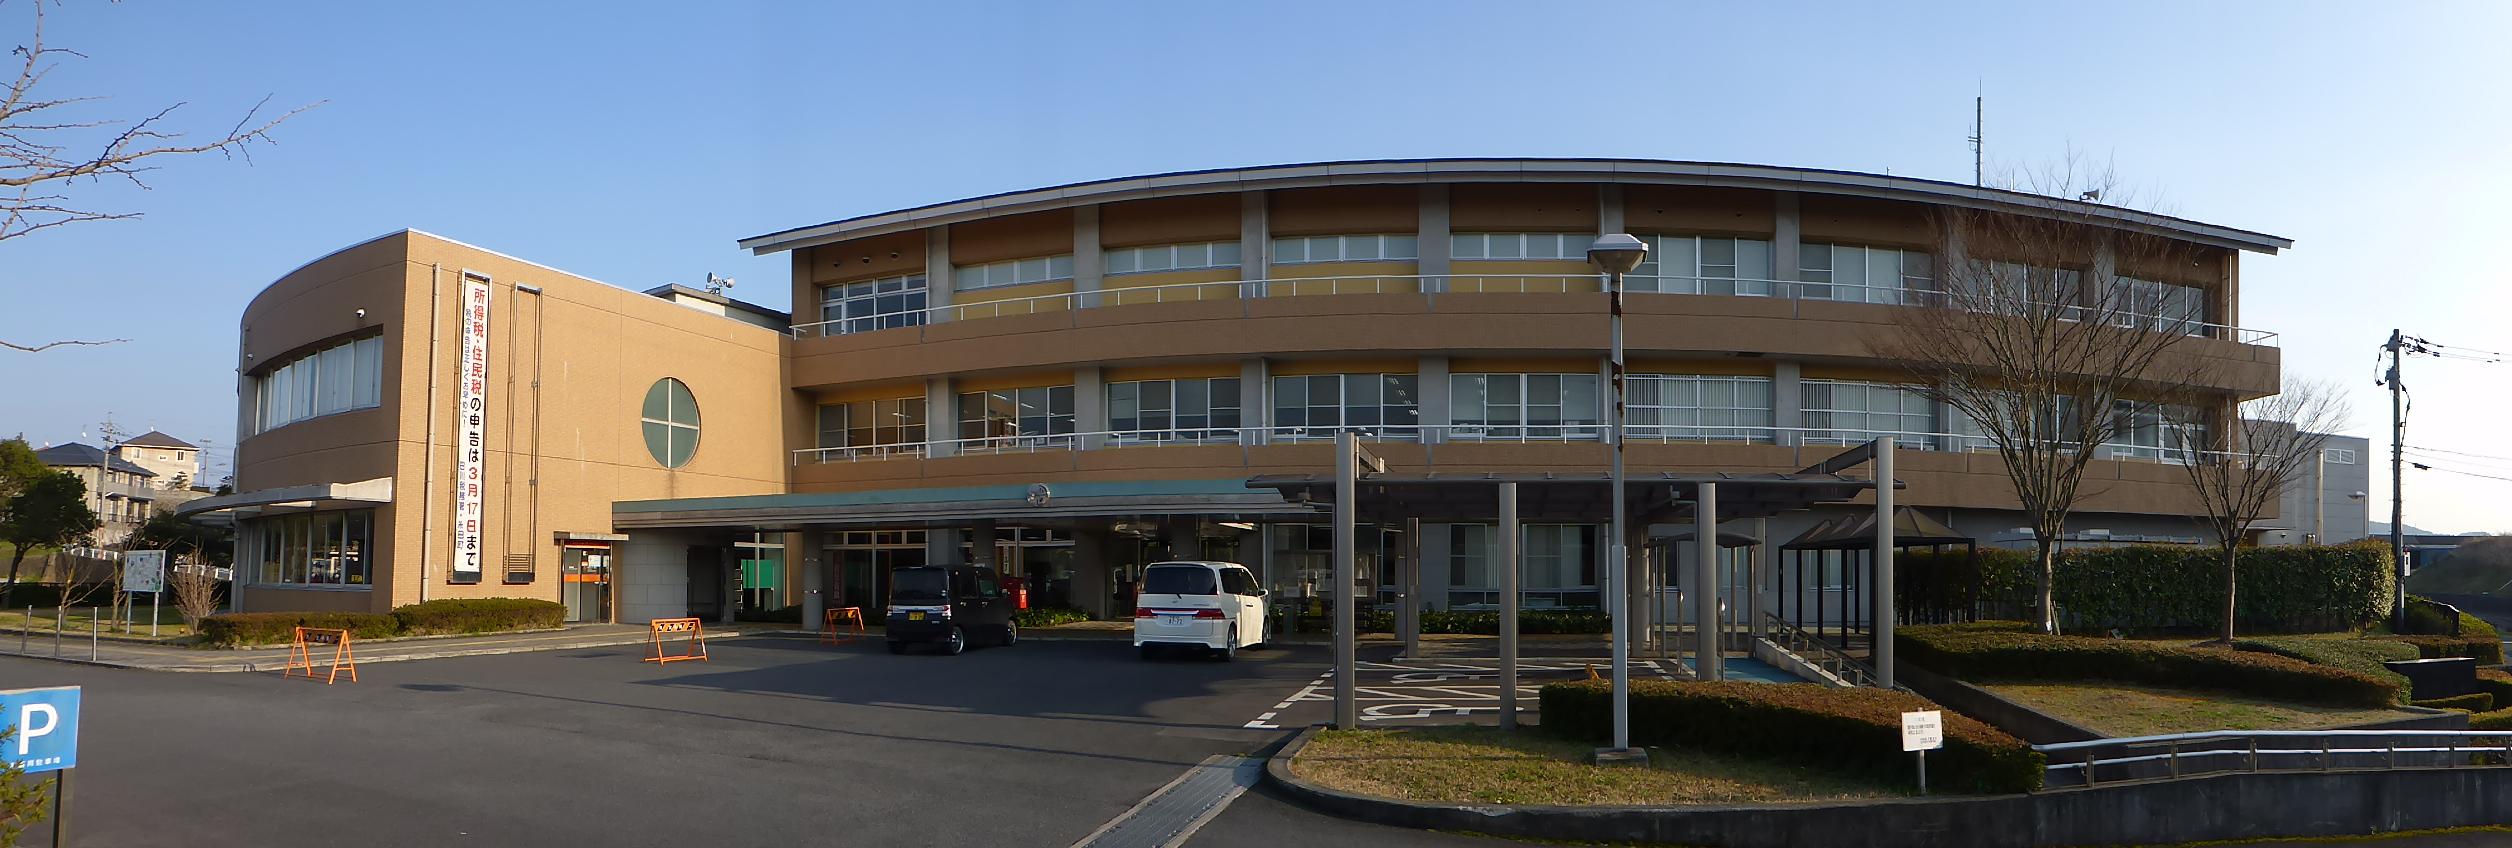 糸田町アクセスマップ|フリーページ- 糸田町